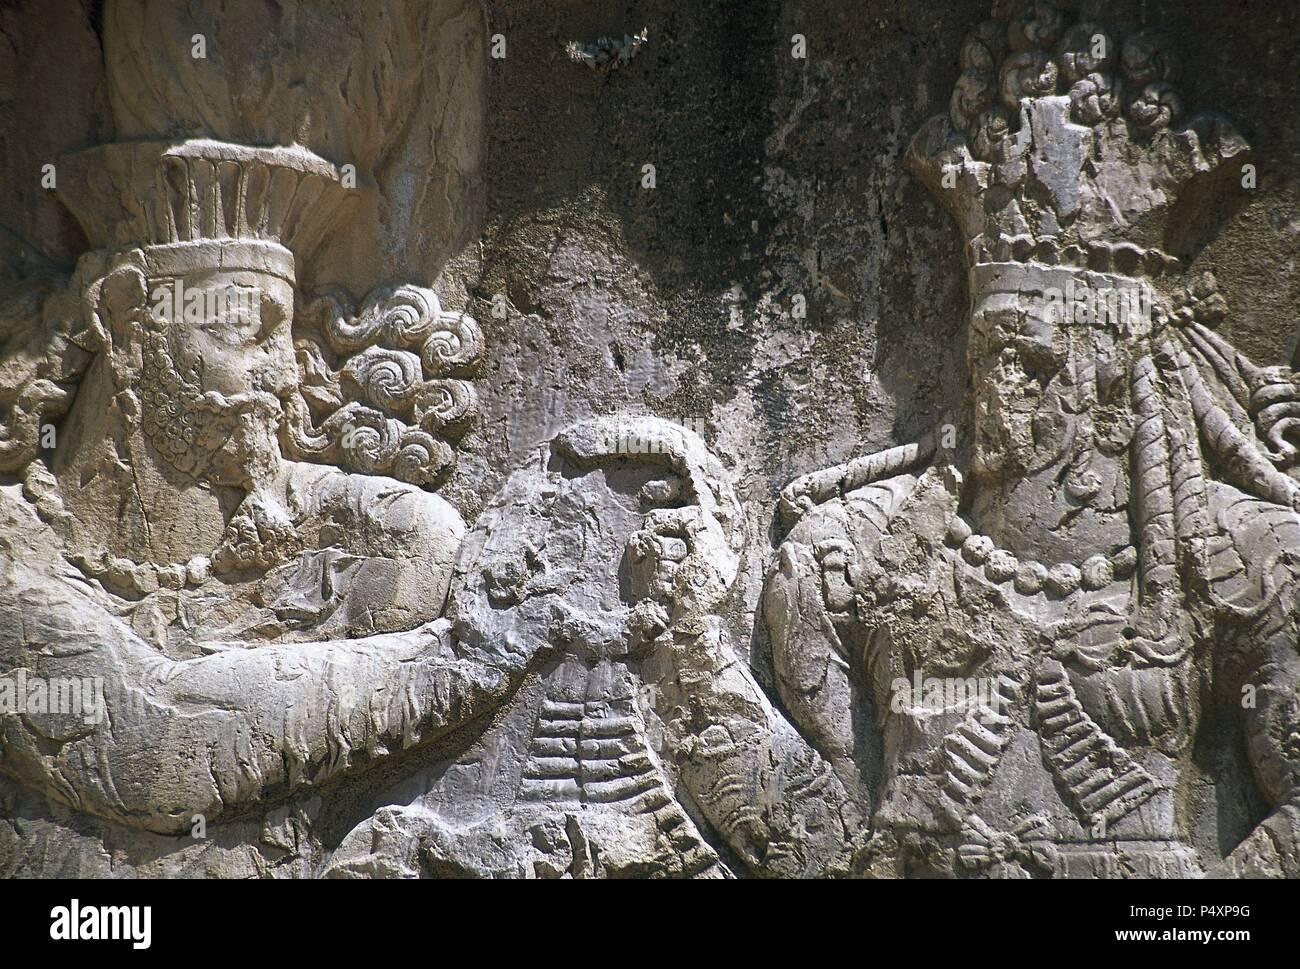 Rock sasánidas alivio. La investidura de Narseh recibir la corona de la realeza de una figura femenina (la divinidad Shapurdokhtak Aredvi Sura o Queen), c. 293-303. Naqsh-e Rustam, provincia de Fars, Irán. (La Antigua Persia). Foto de stock